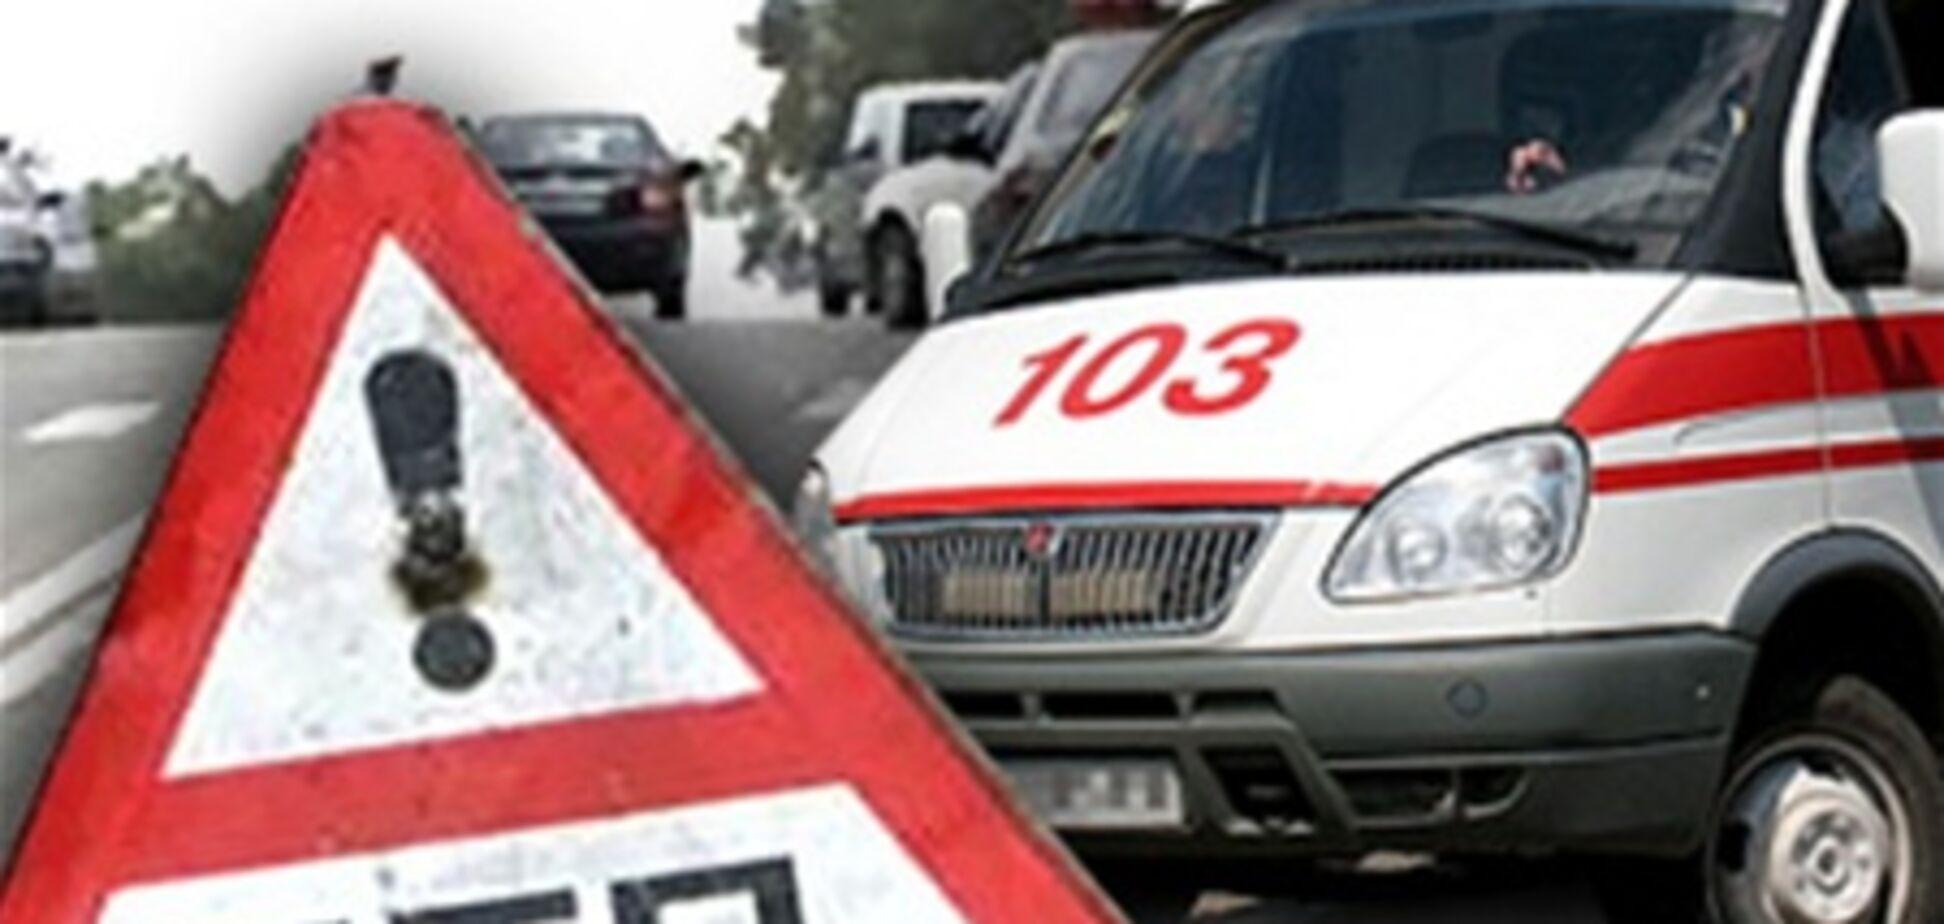 Под Каховкой в ДТП вследствие обгона погибли два человека